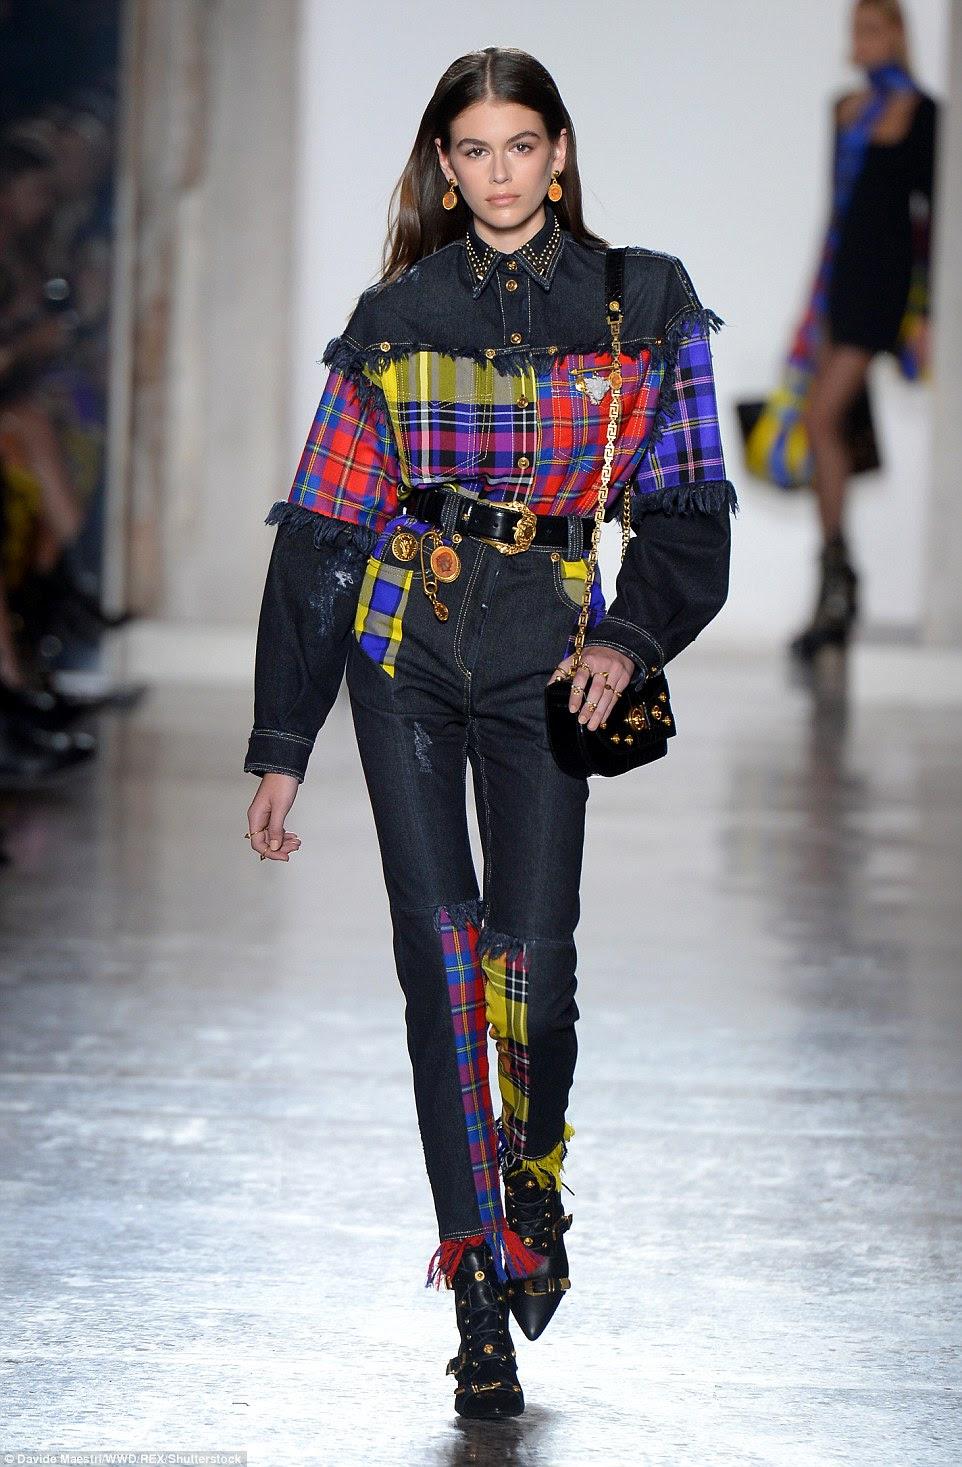 Diva do denim: Kaia Gerber estava vestida com uma camisa de denim e calças de ganga que se revitalizavam com um cheque multicolorido